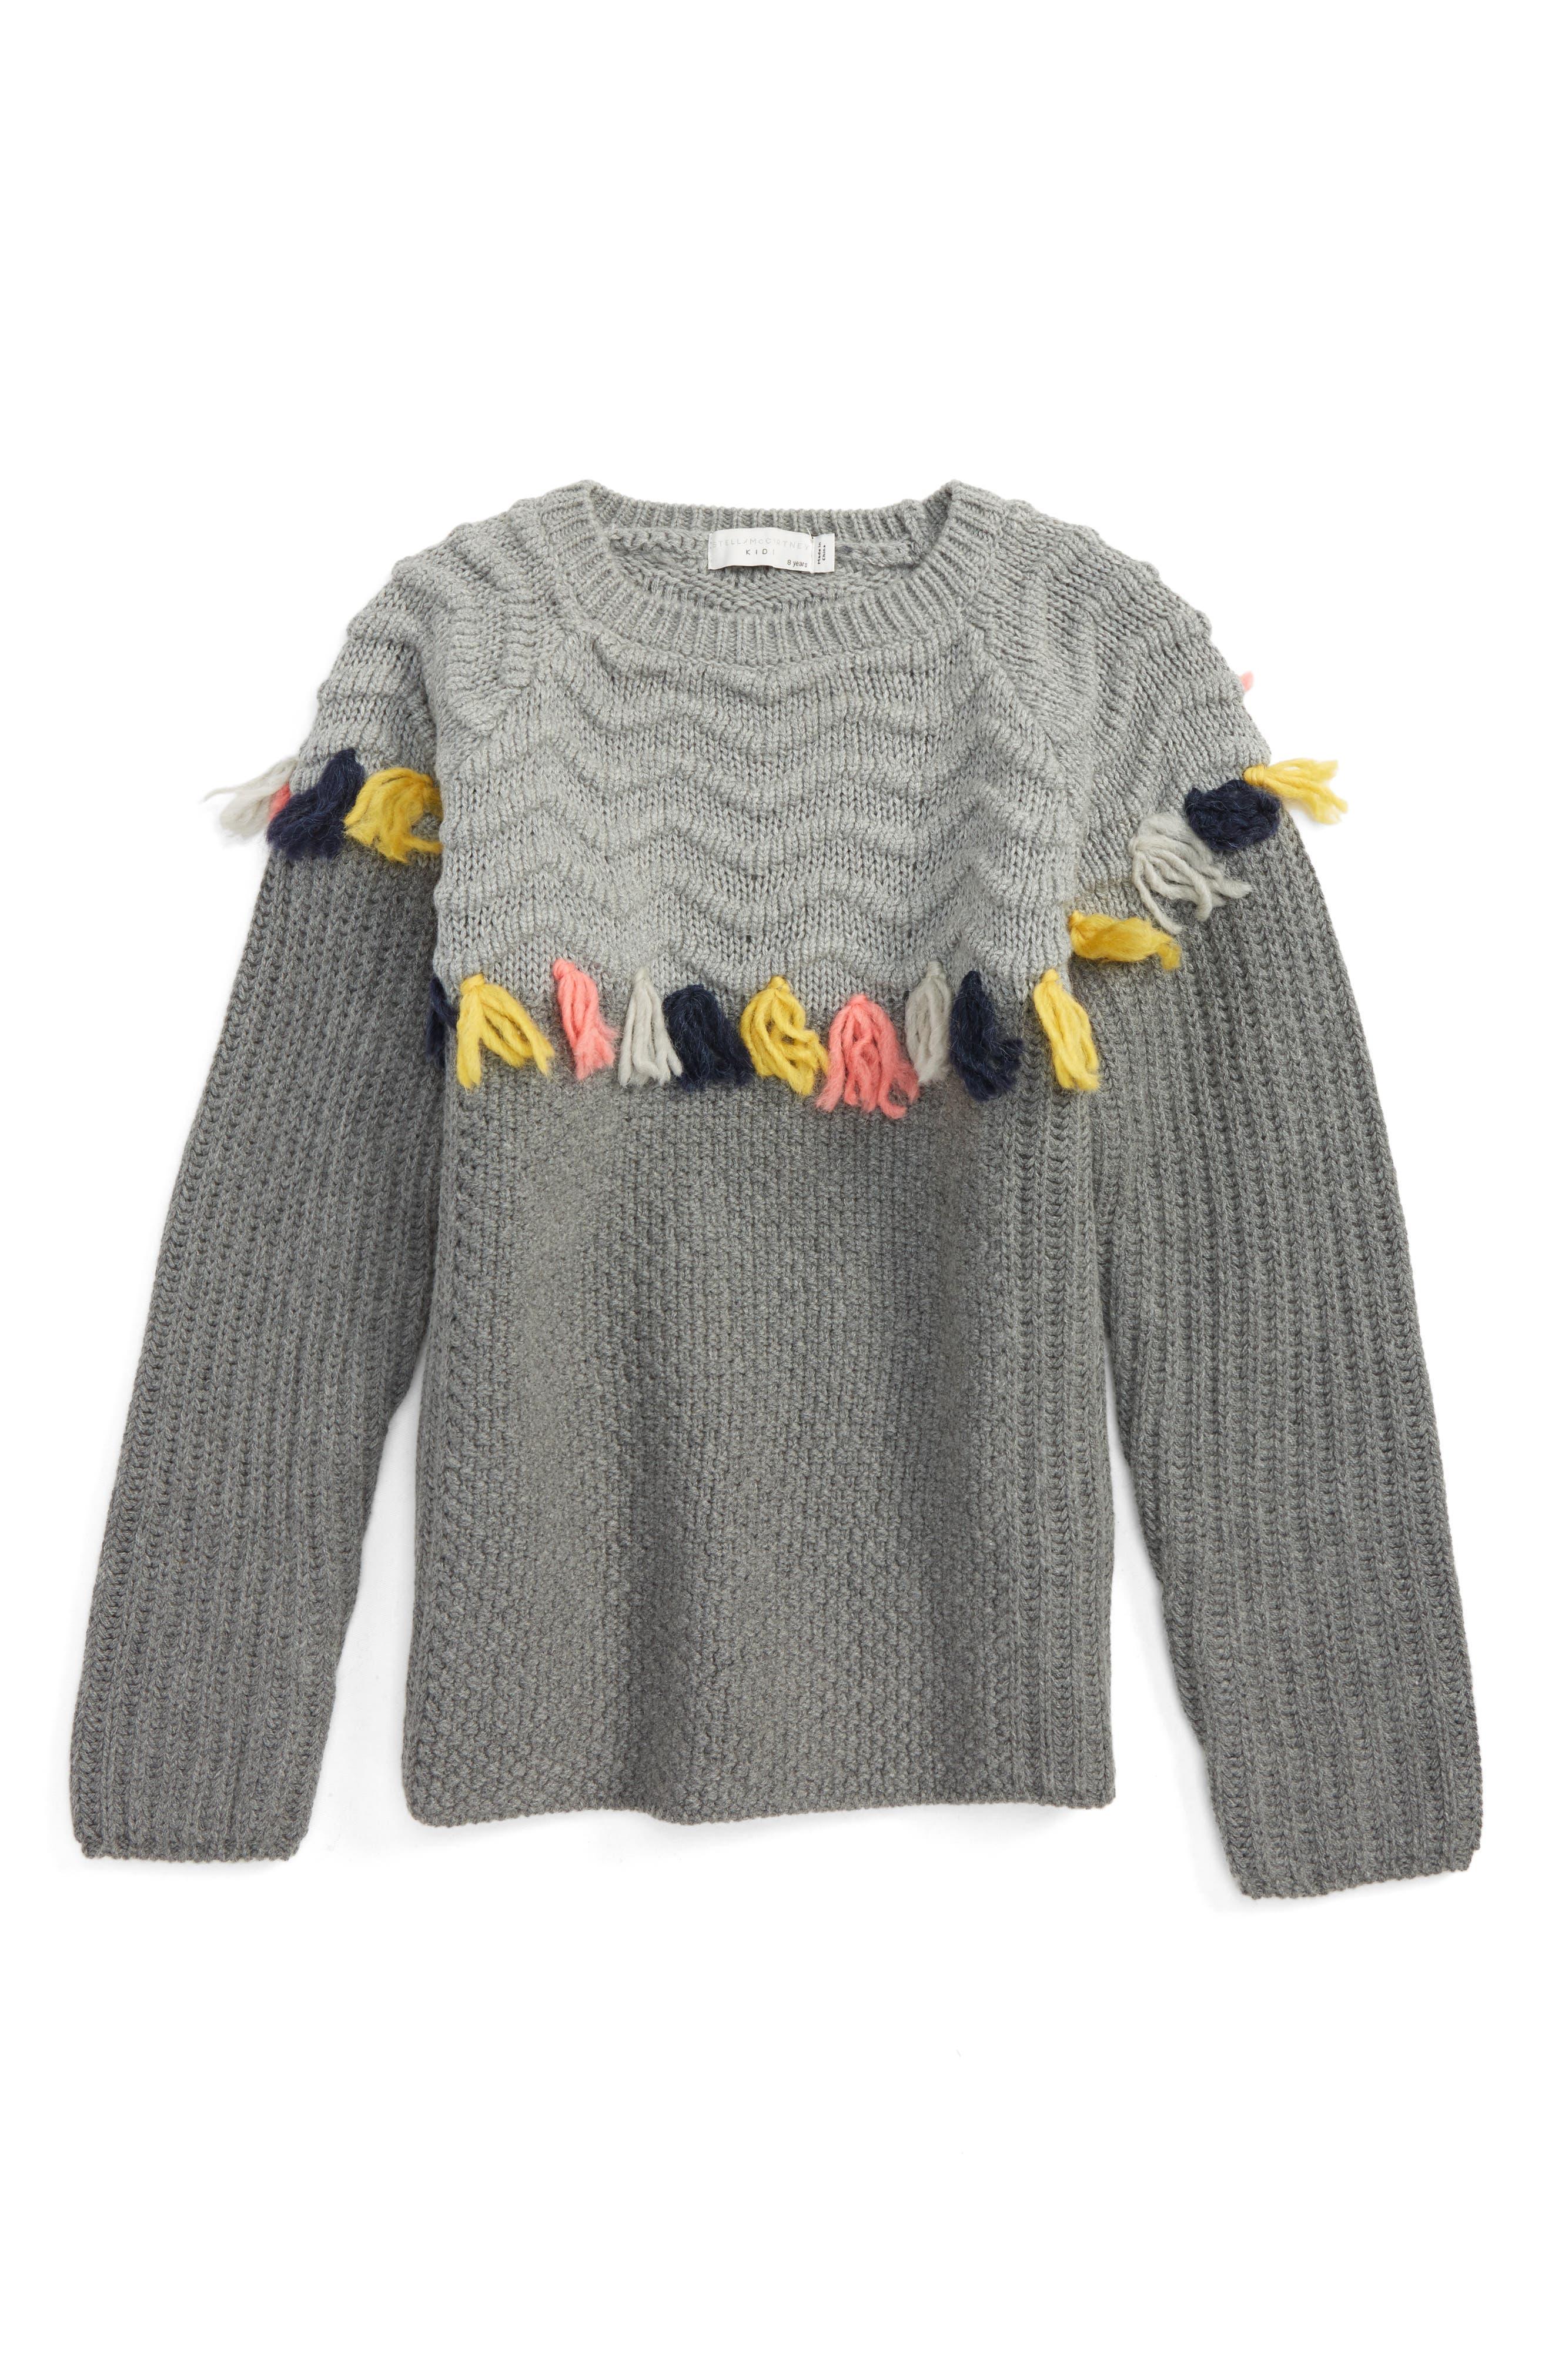 STELLA MCCARTNEY Tangerine Knit Tassel Sweater